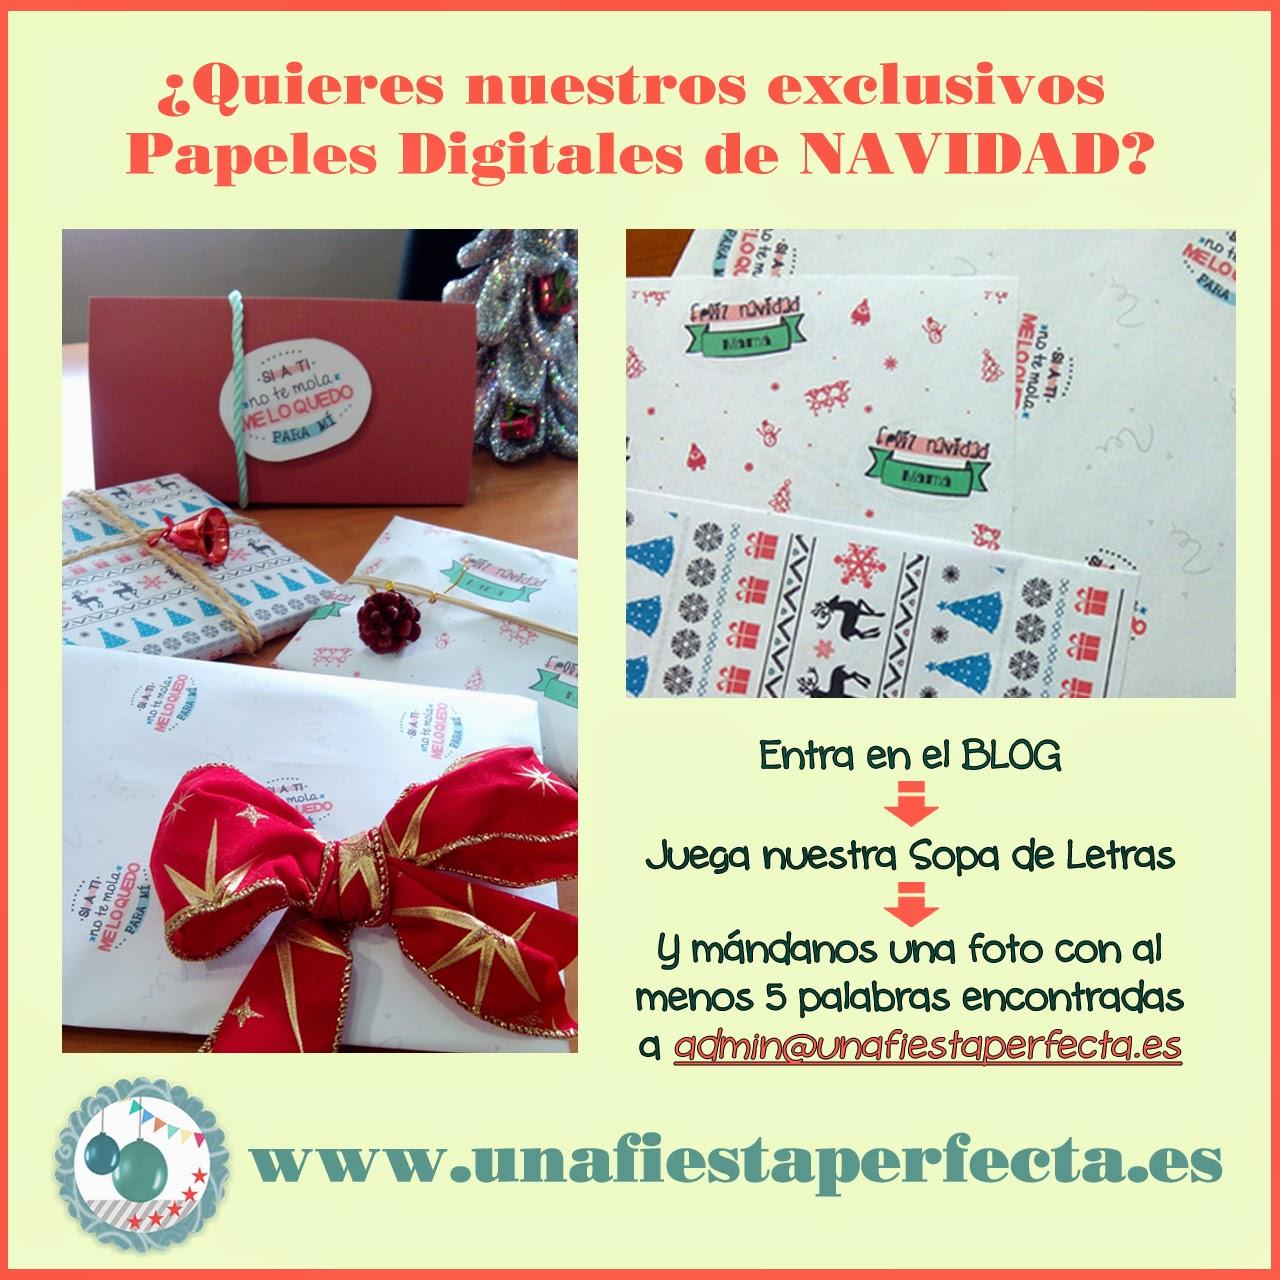 Unafiestaperfecta - promo Sopa de letras